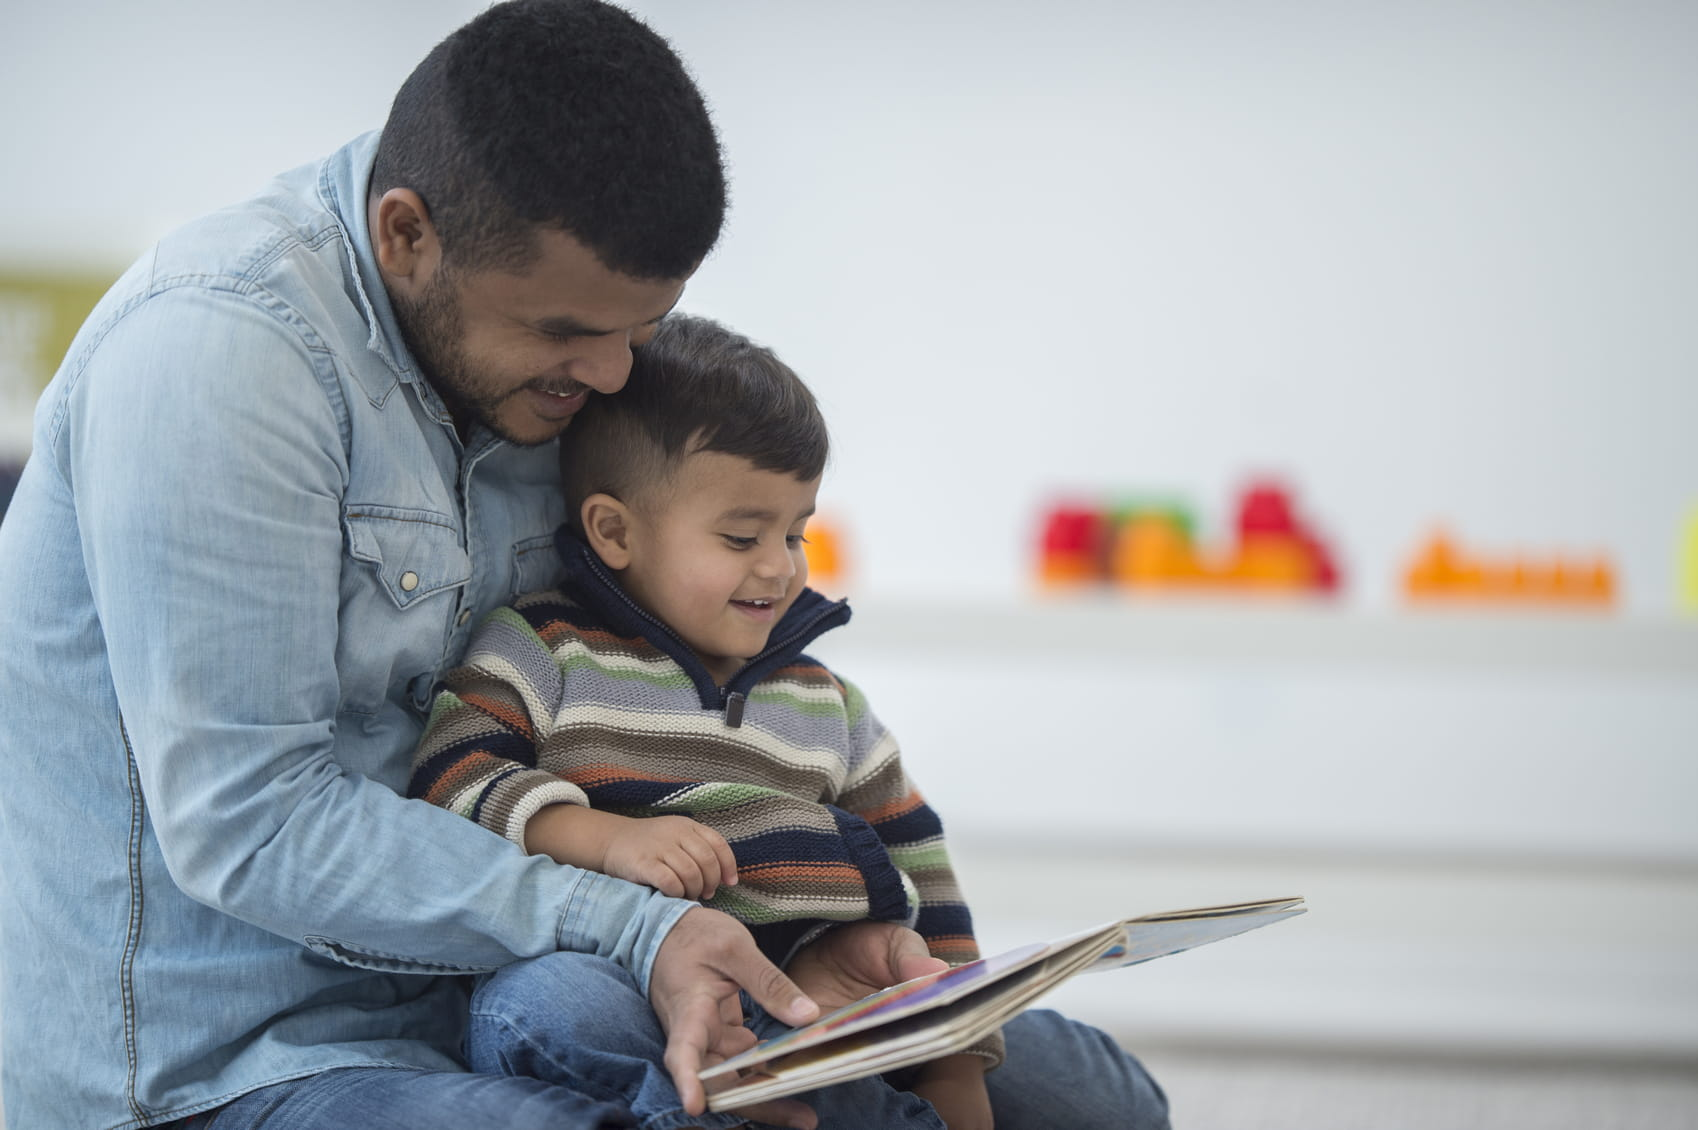 نتيجة بحث الصور عن Father + child + book